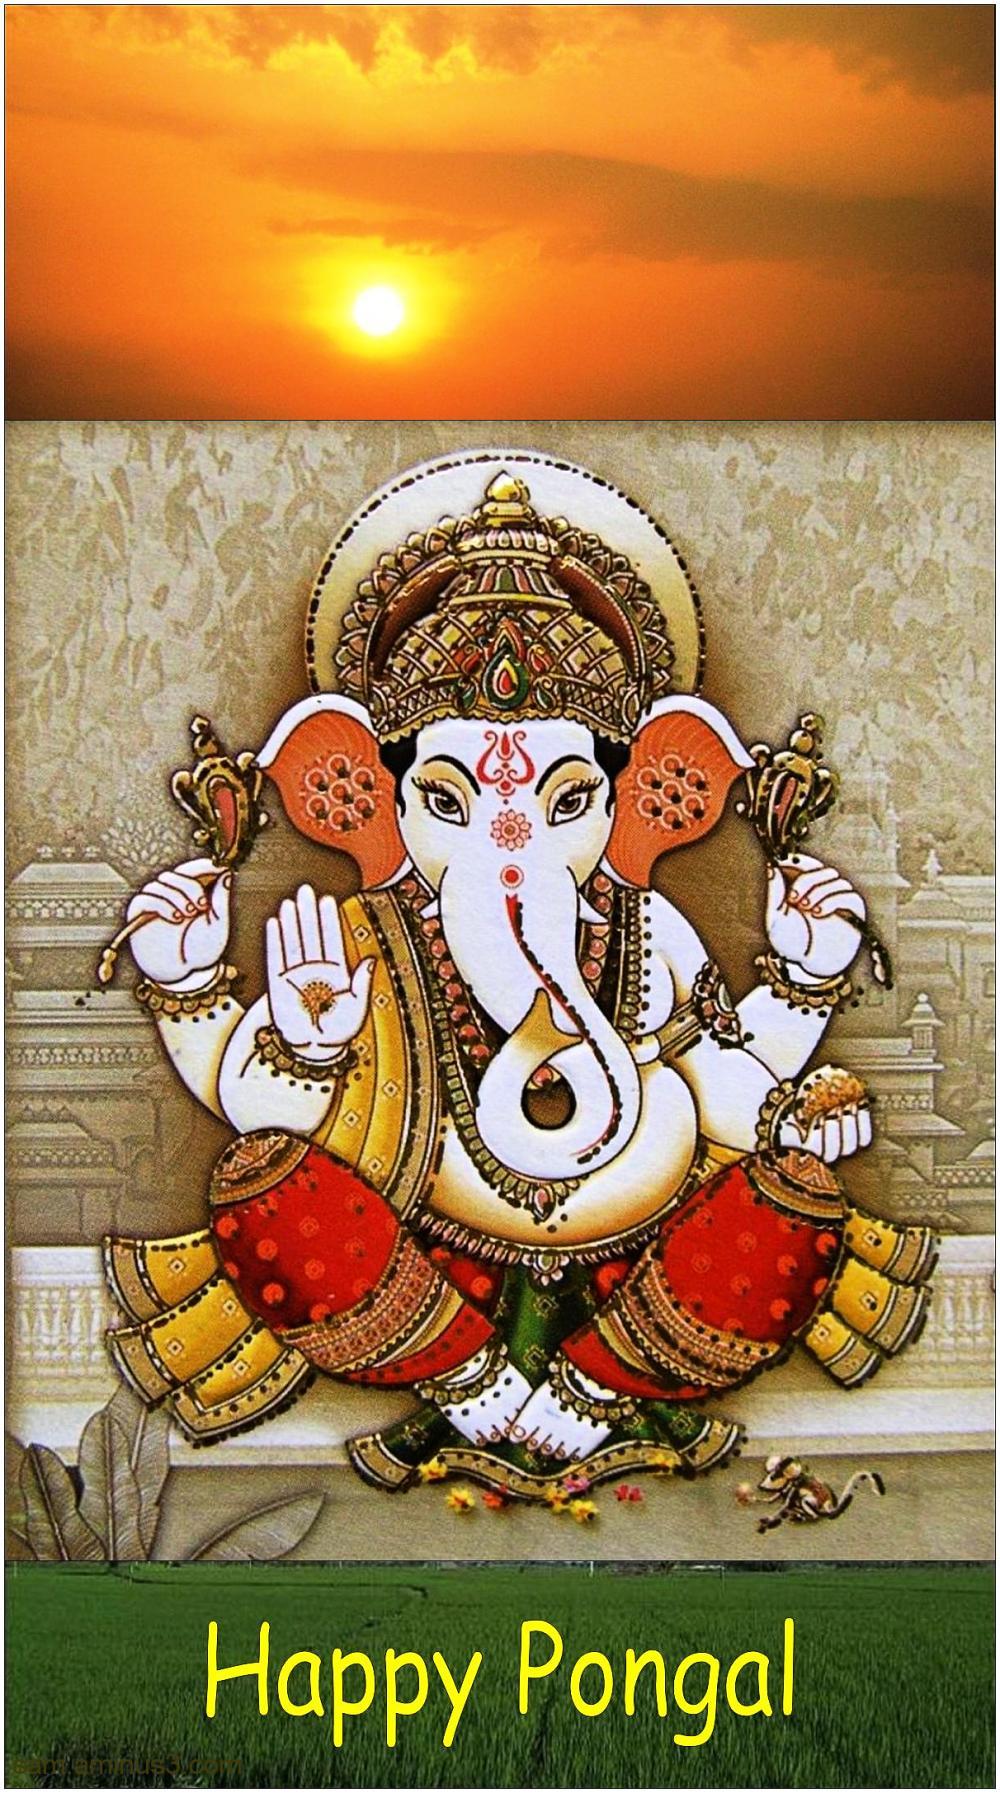 Pongal Greetings